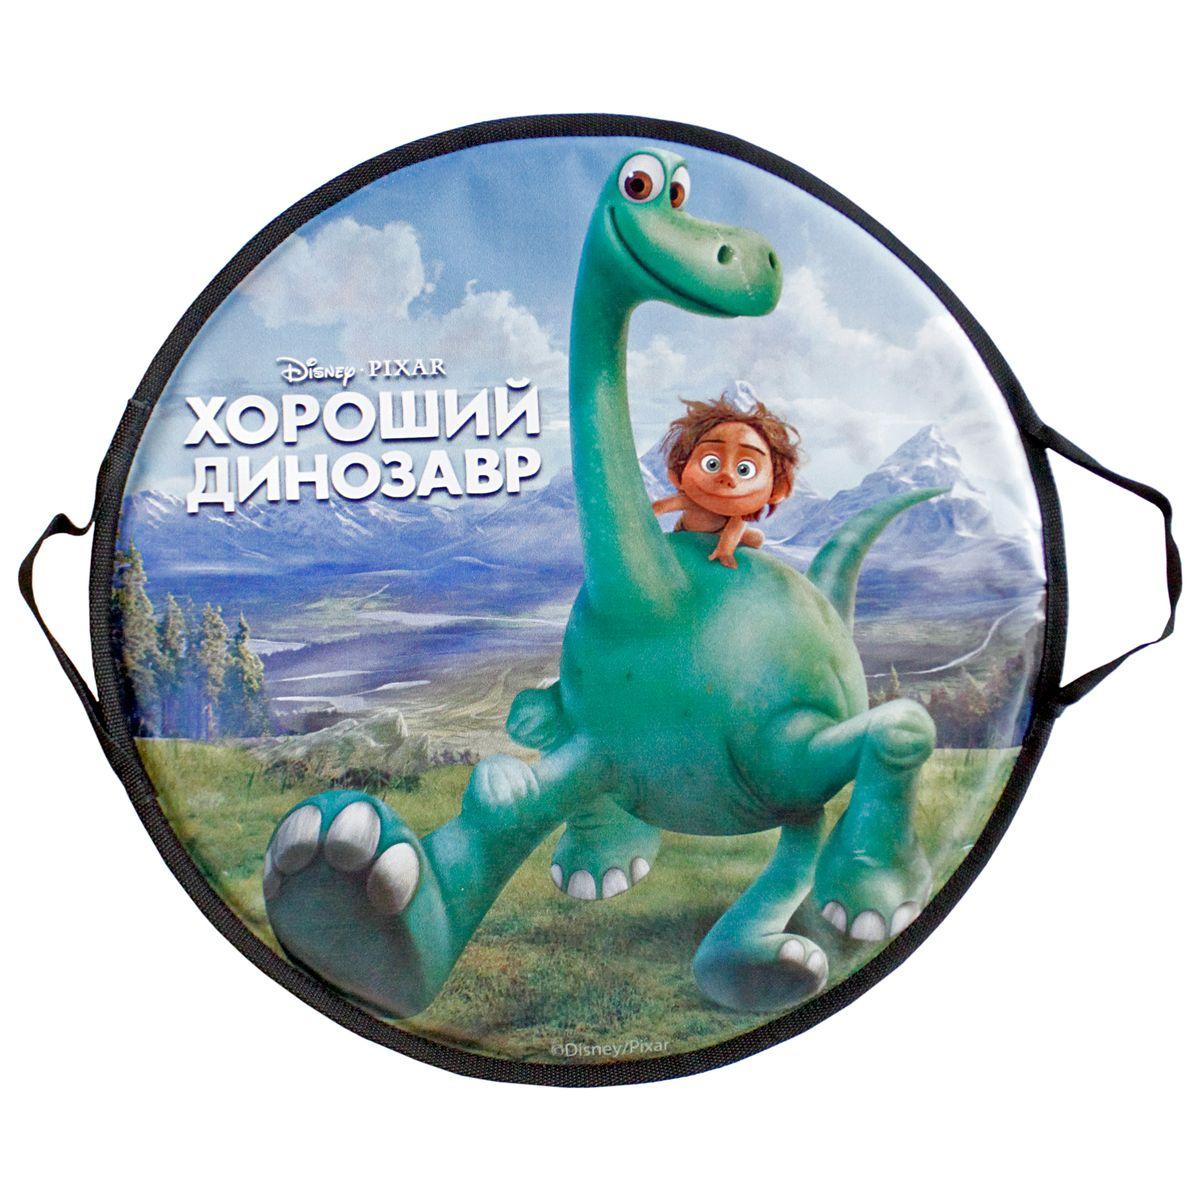 Ледянка круглая 52см, Disney Добропорядочный динозавр